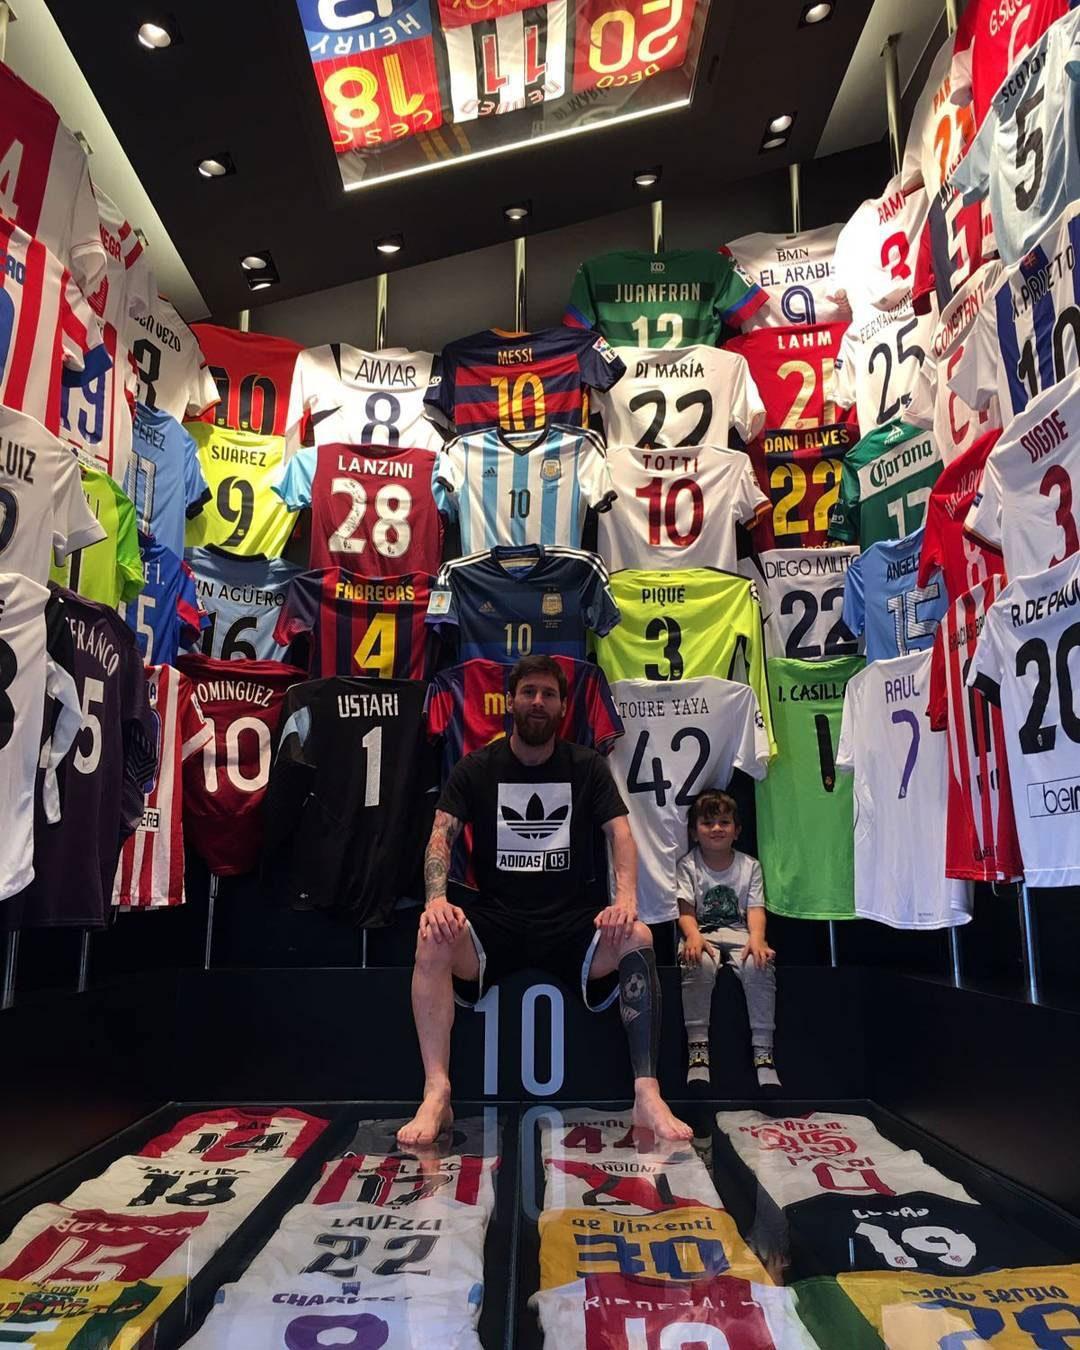 L'impressionnante collection de maillots de Lionel Messi